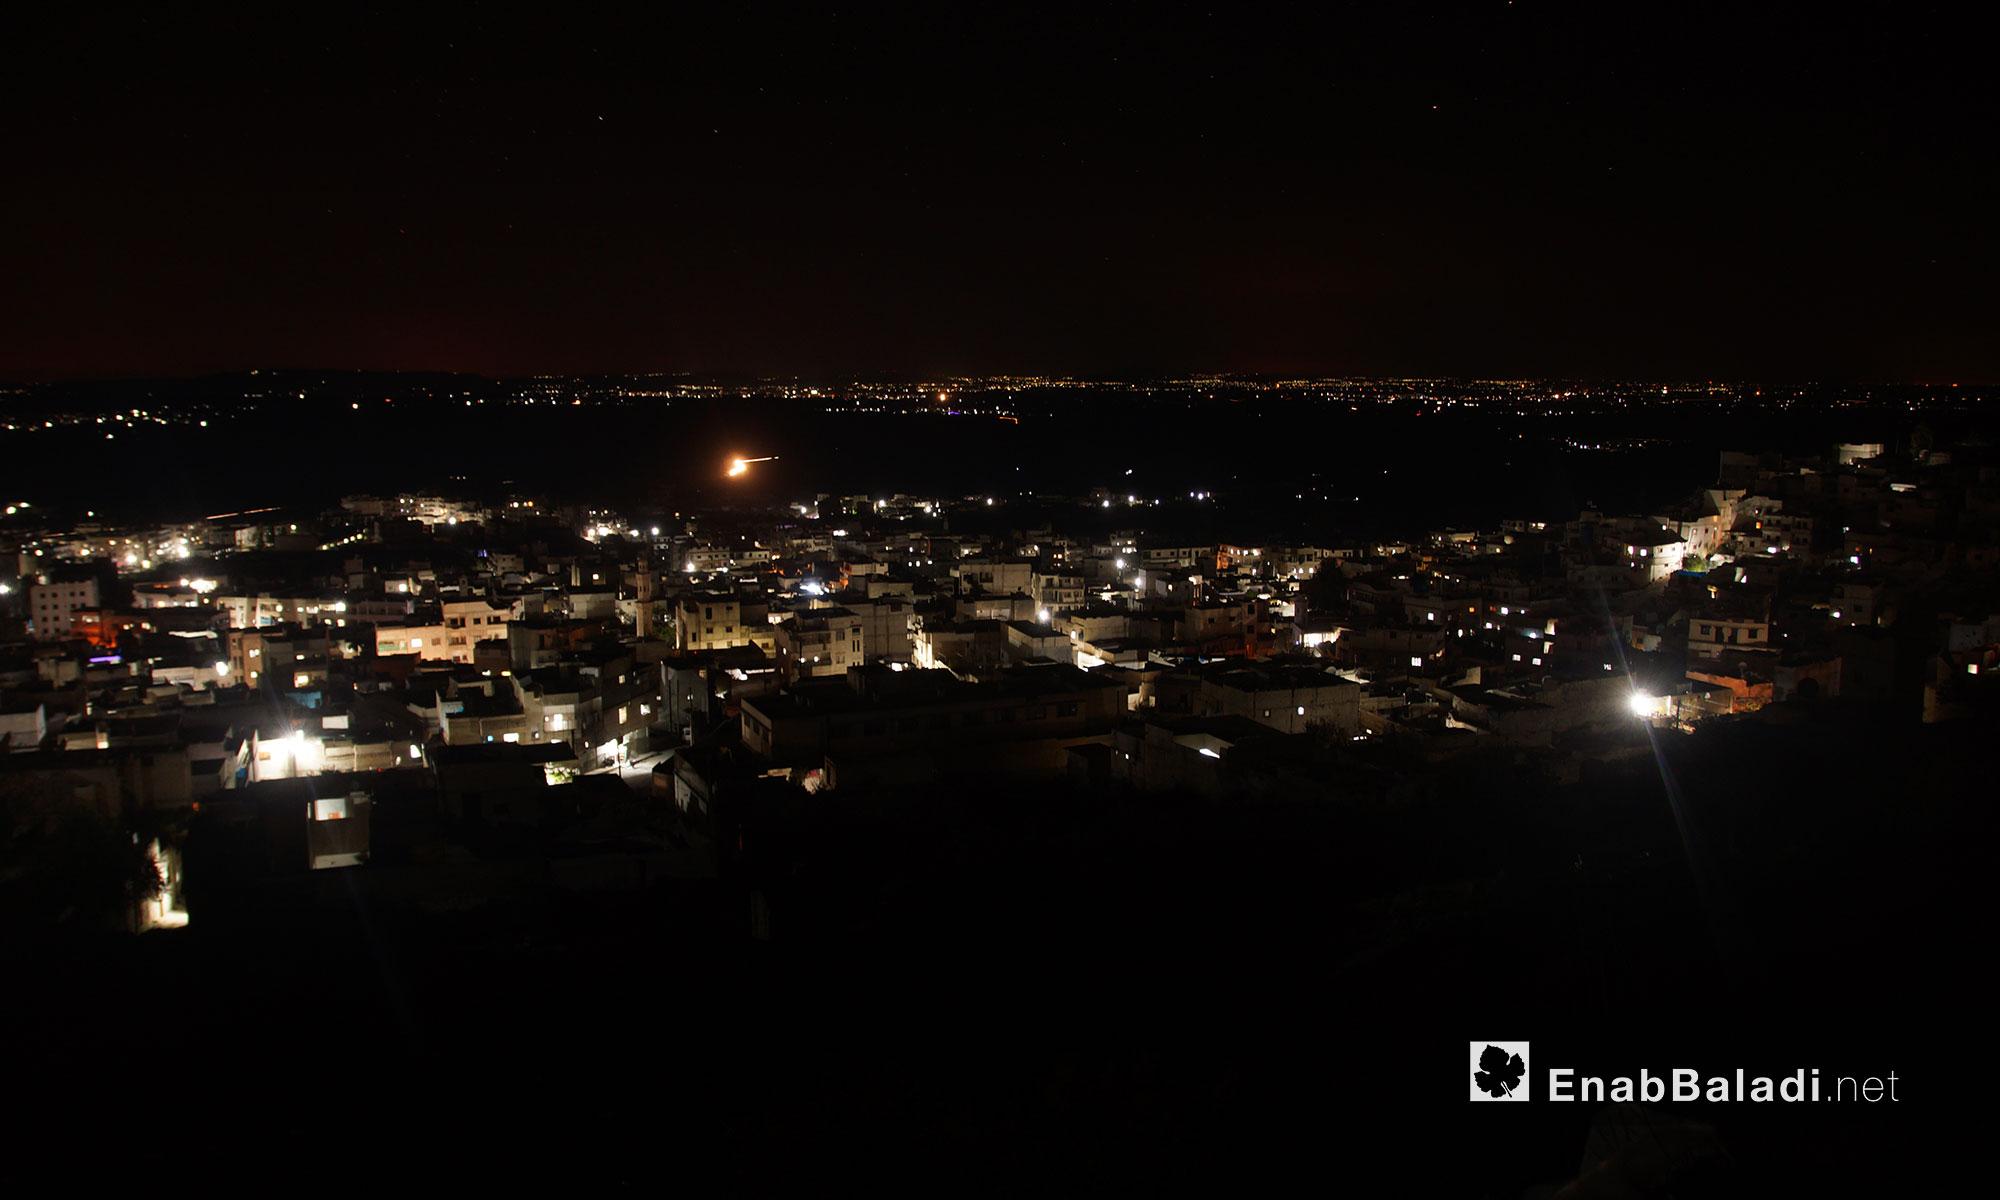 بلدة أريحا بعد تعرضها ليلًا لقصف الطيران الروسي في مدينة إدلب - 3 نيسان 2018 (عنب بلدي)